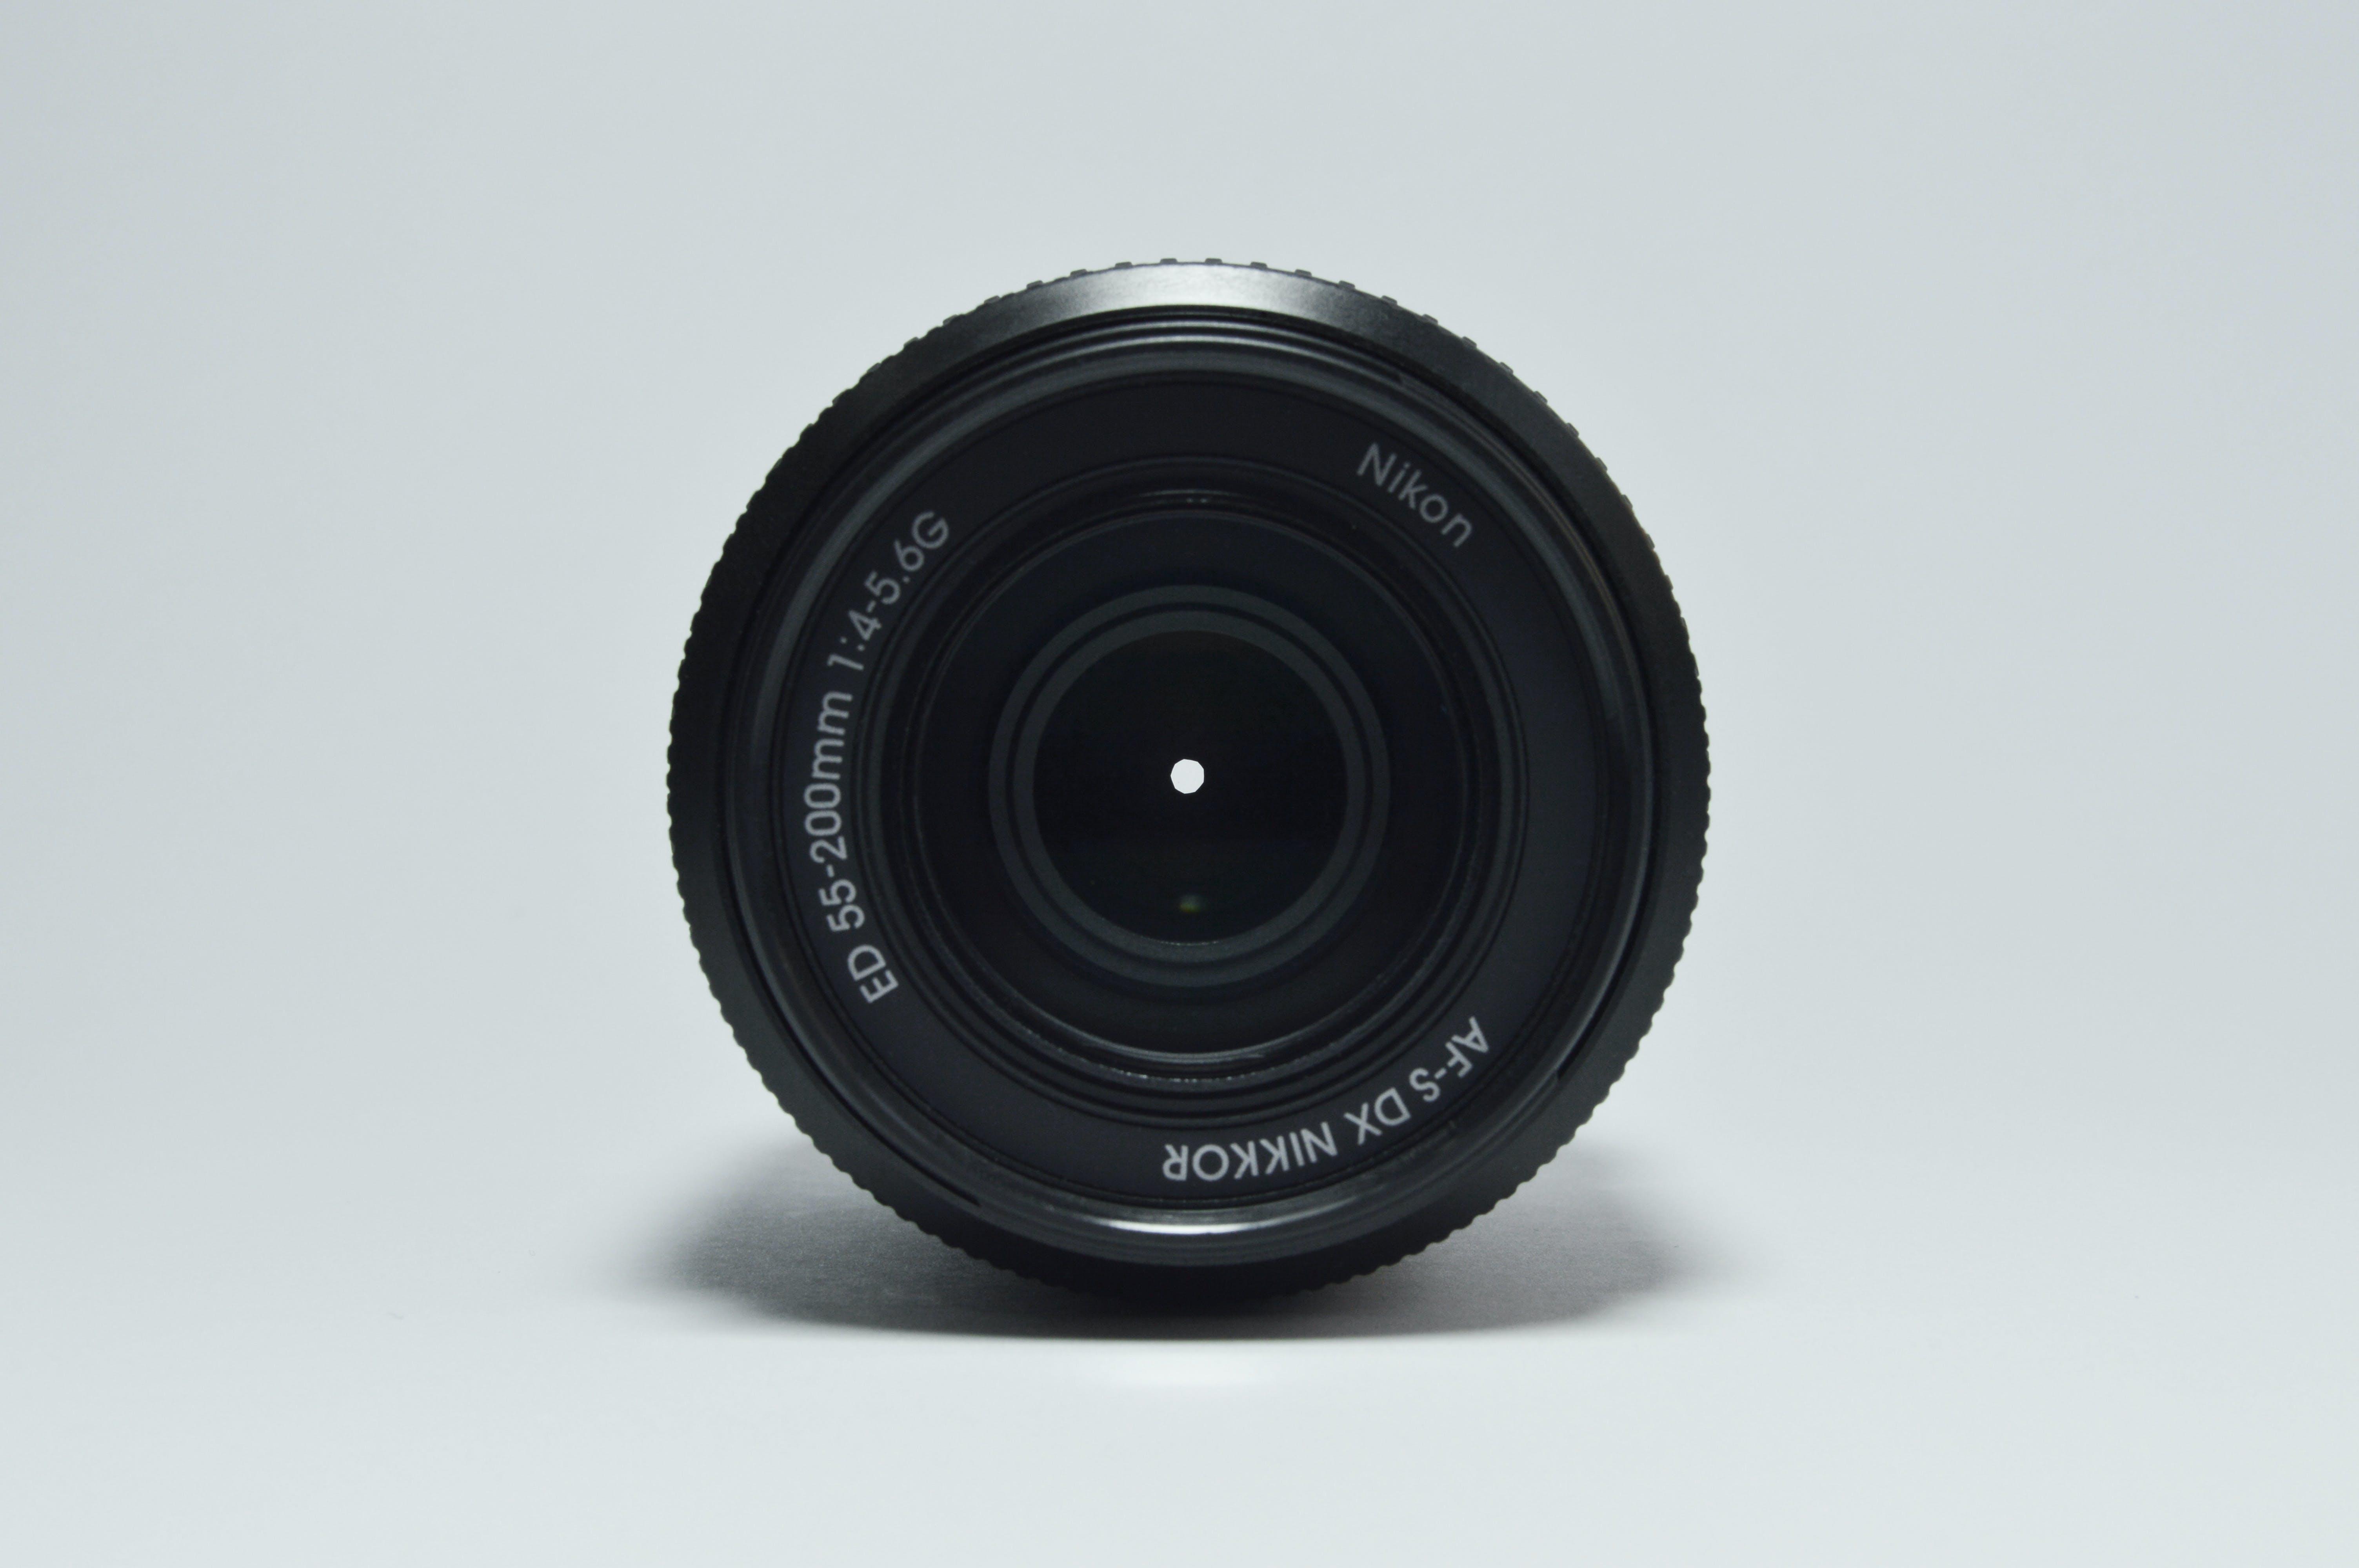 camera, equipment, lens